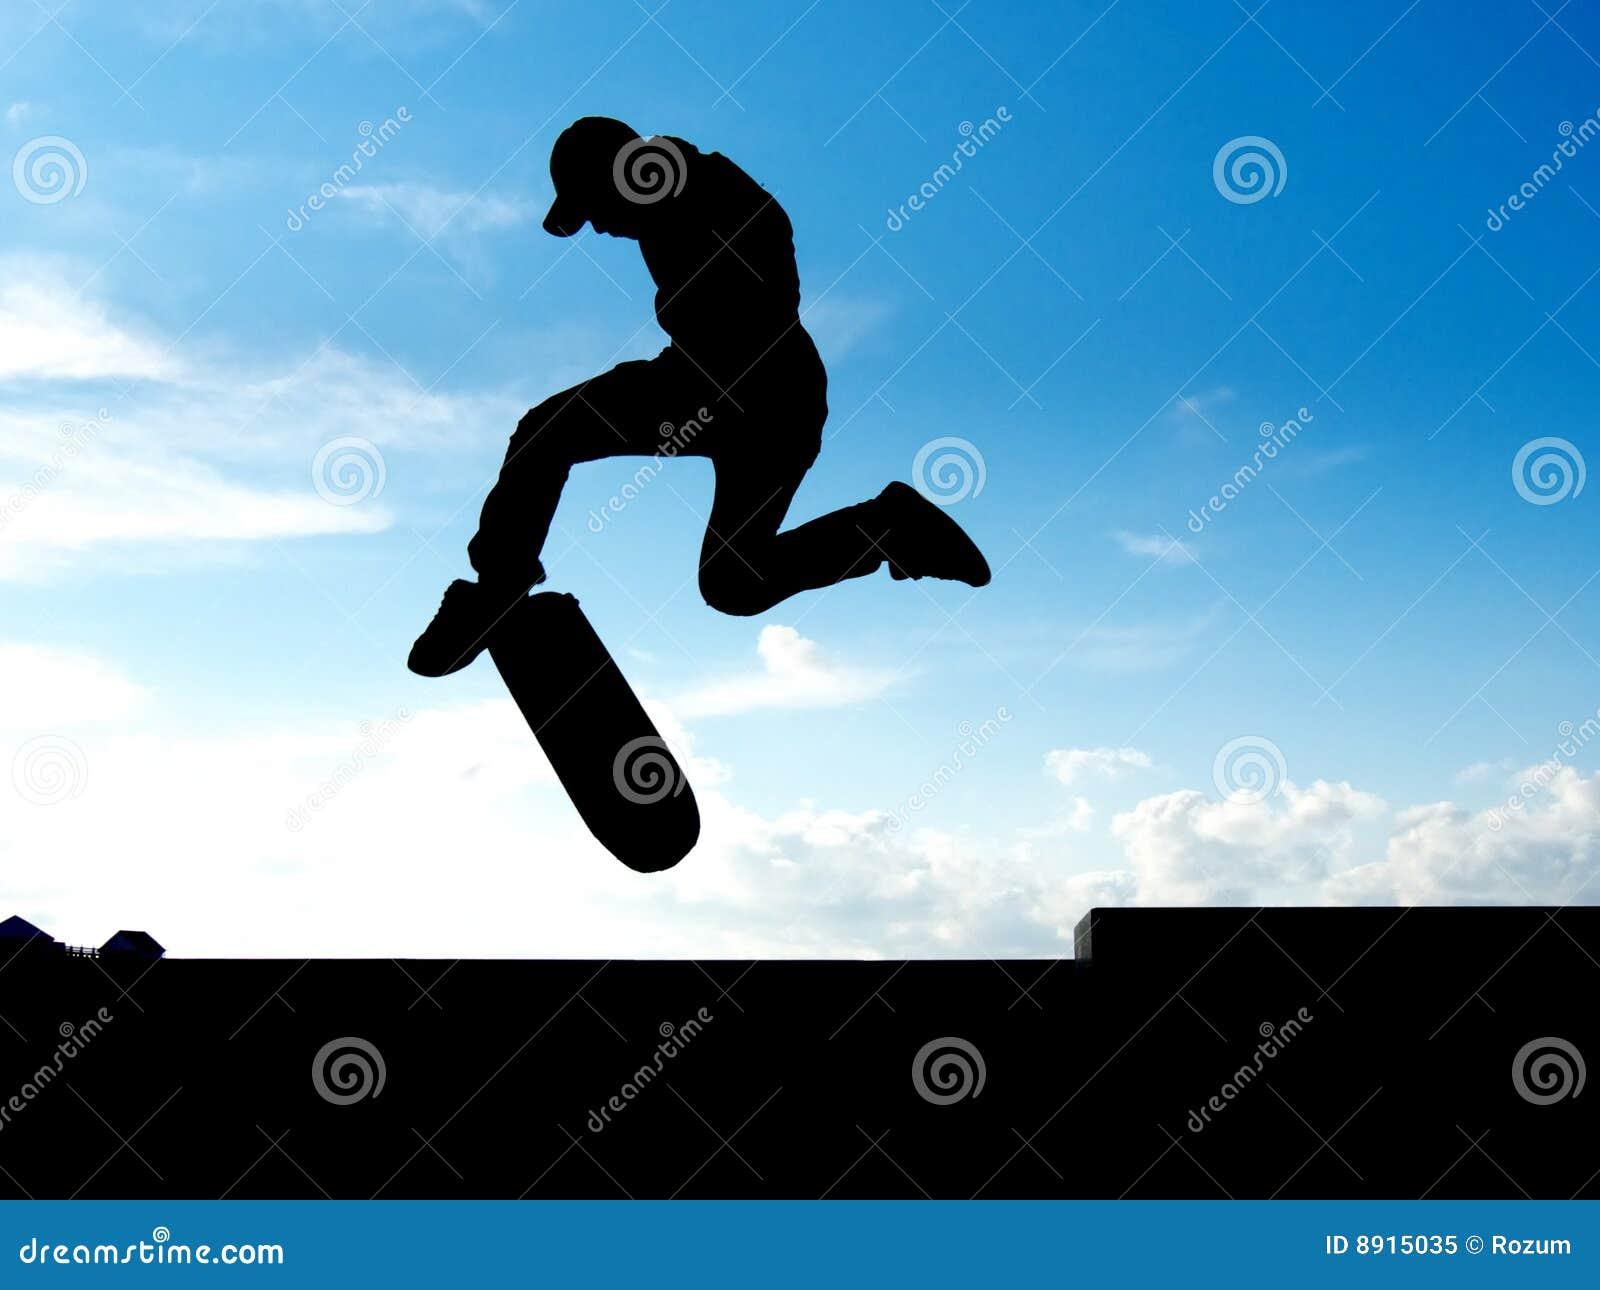 Stunt of skater